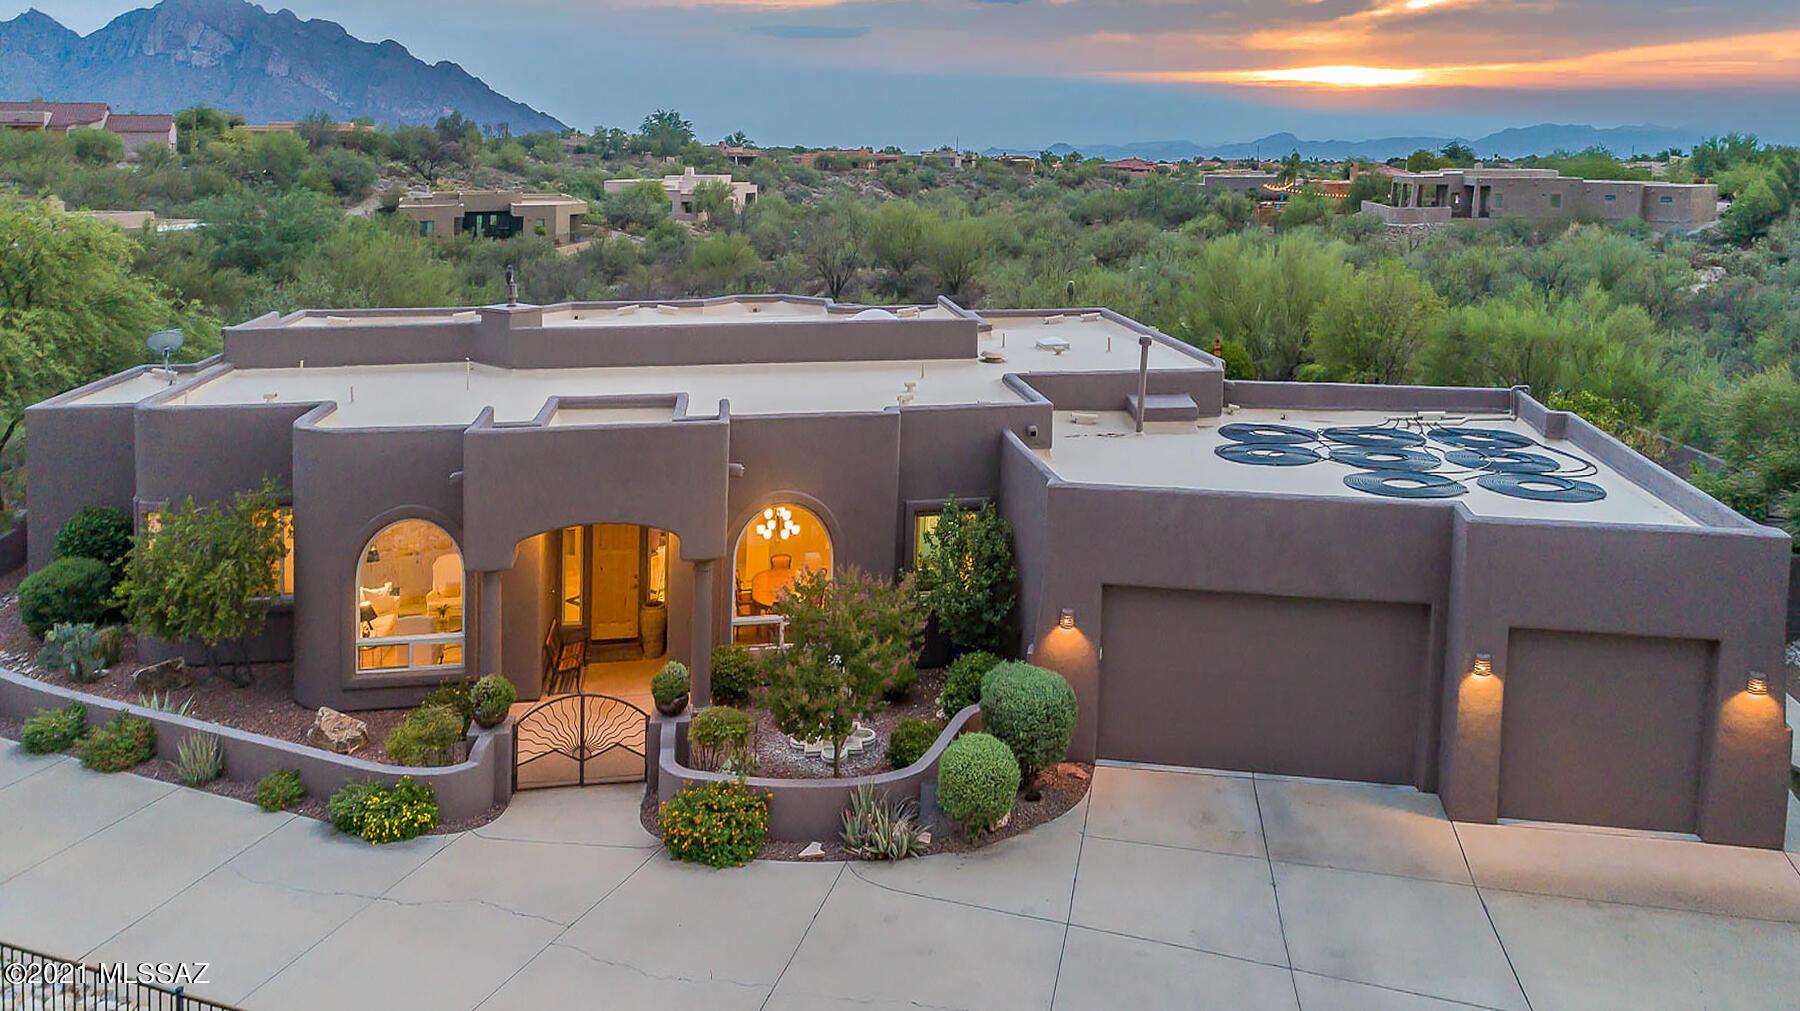 Photo of 782 W Silver Eagle Court, Oro Valley, AZ 85755